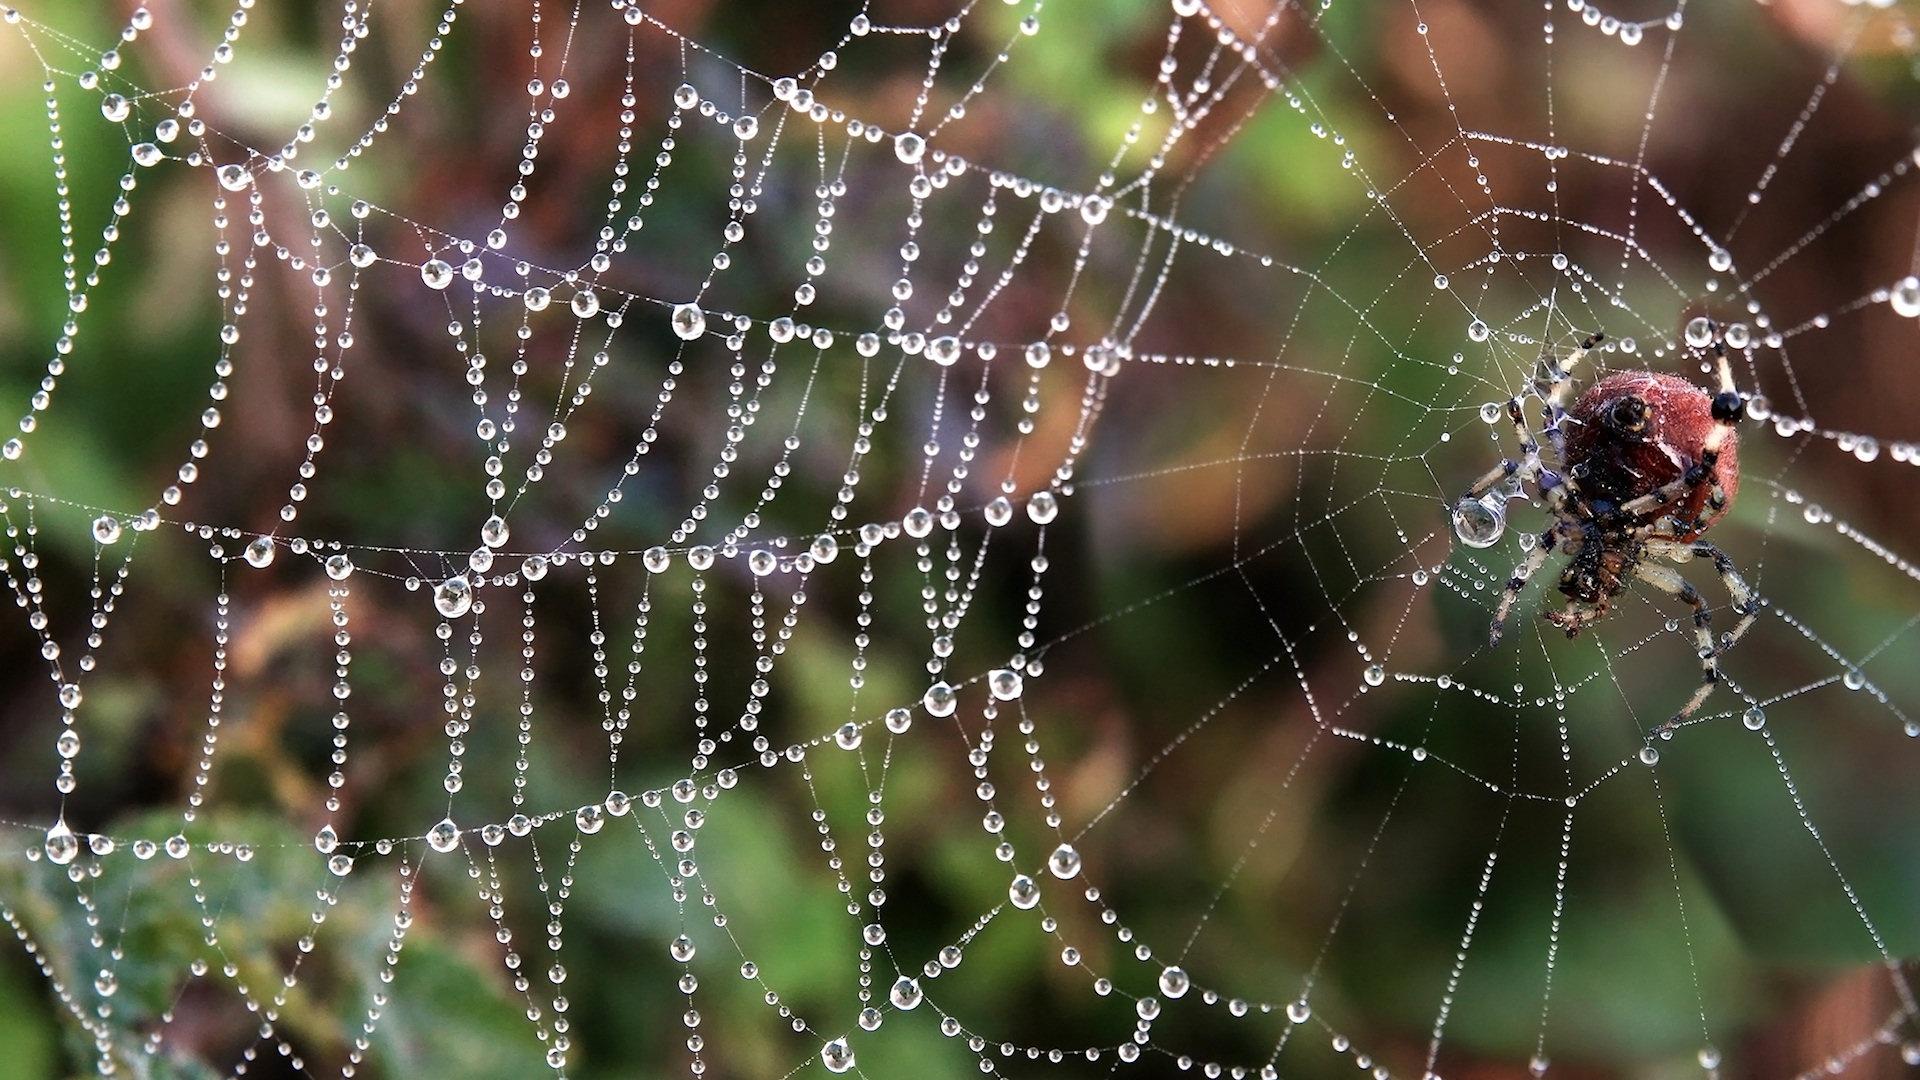 spider wallpaper background